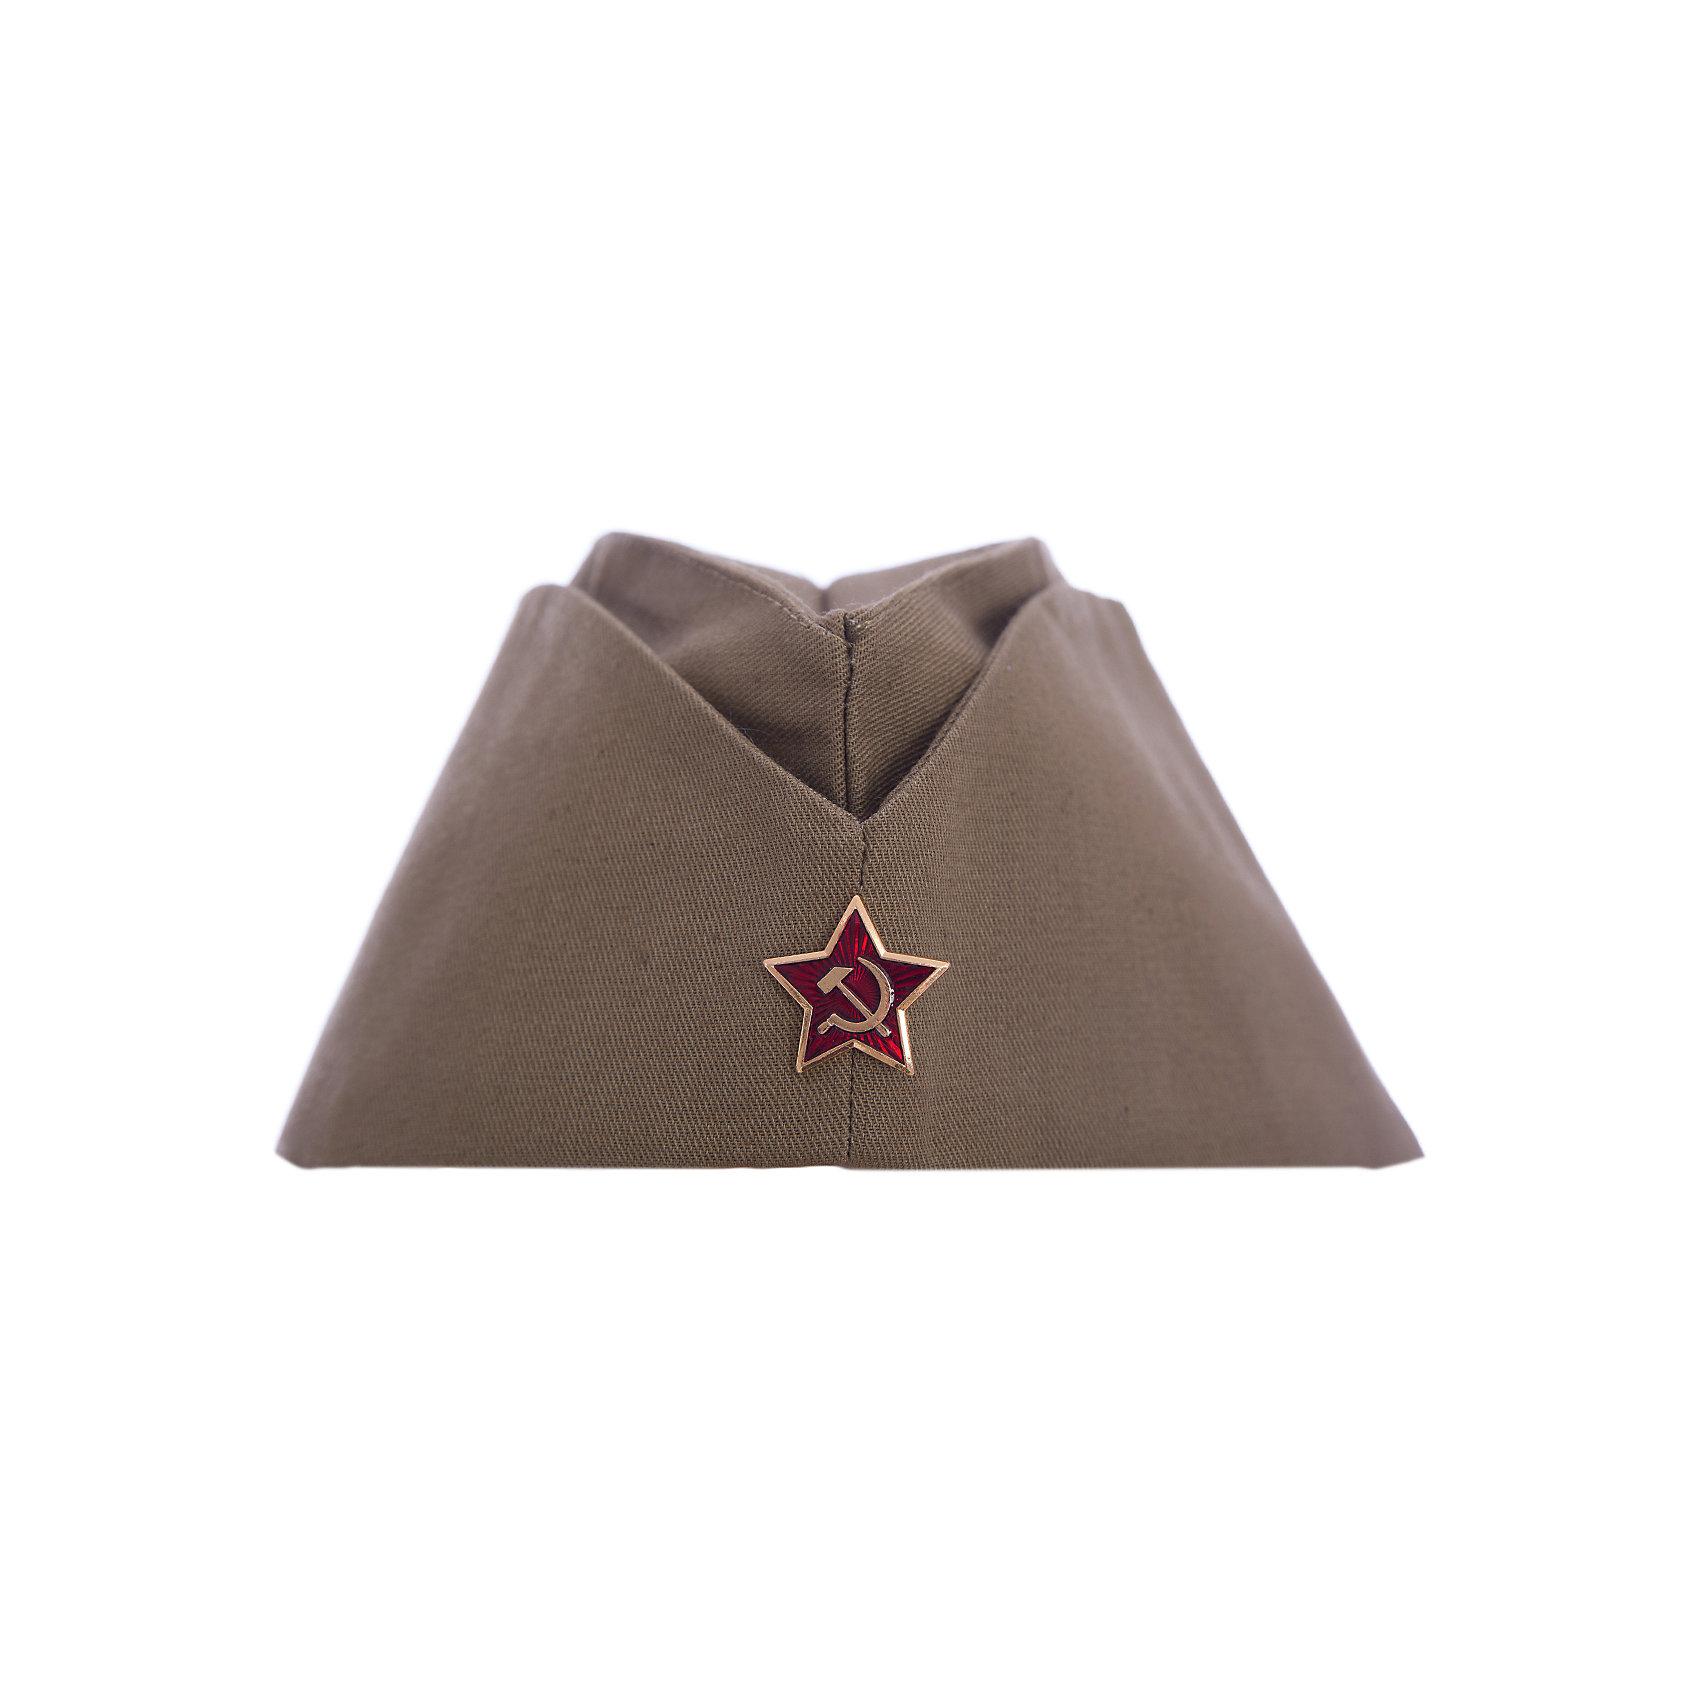 Пилотка детская, ВестификаДетские шляпы и колпаки<br>Настоящая военно-полевая пилотка времен ВОВ (Великой отечественной войны). Пилотка выкроена по оригинальным лекалам, идеально садится на голову. Украшает пилотку настоящая металлическая красная звезда с серпом и молотом.<br><br>Дополнительная информация:<br><br>Материал: Саржа (100% хлопок)<br>Комплектация: пилотка со звездой<br>Рекомендуется для детей старше 3-х лет для кратковременного ношения. <br>Срок службы 5 лет при аккуратном ношении. <br>Способ ухода за изделием: ручная стирка при температуре 30 С° с применением нейтральных моющих средств. <br>Не отжимать. <br>Не сушить в машине. <br>Гладить при низкой температуре.<br><br>Пилотку детскую, Вестифика можно купить в нашем магазине.<br><br>Ширина мм: 236<br>Глубина мм: 20<br>Высота мм: 184<br>Вес г: 360<br>Возраст от месяцев: 60<br>Возраст до месяцев: 144<br>Пол: Унисекс<br>Возраст: Детский<br>SKU: 4528652